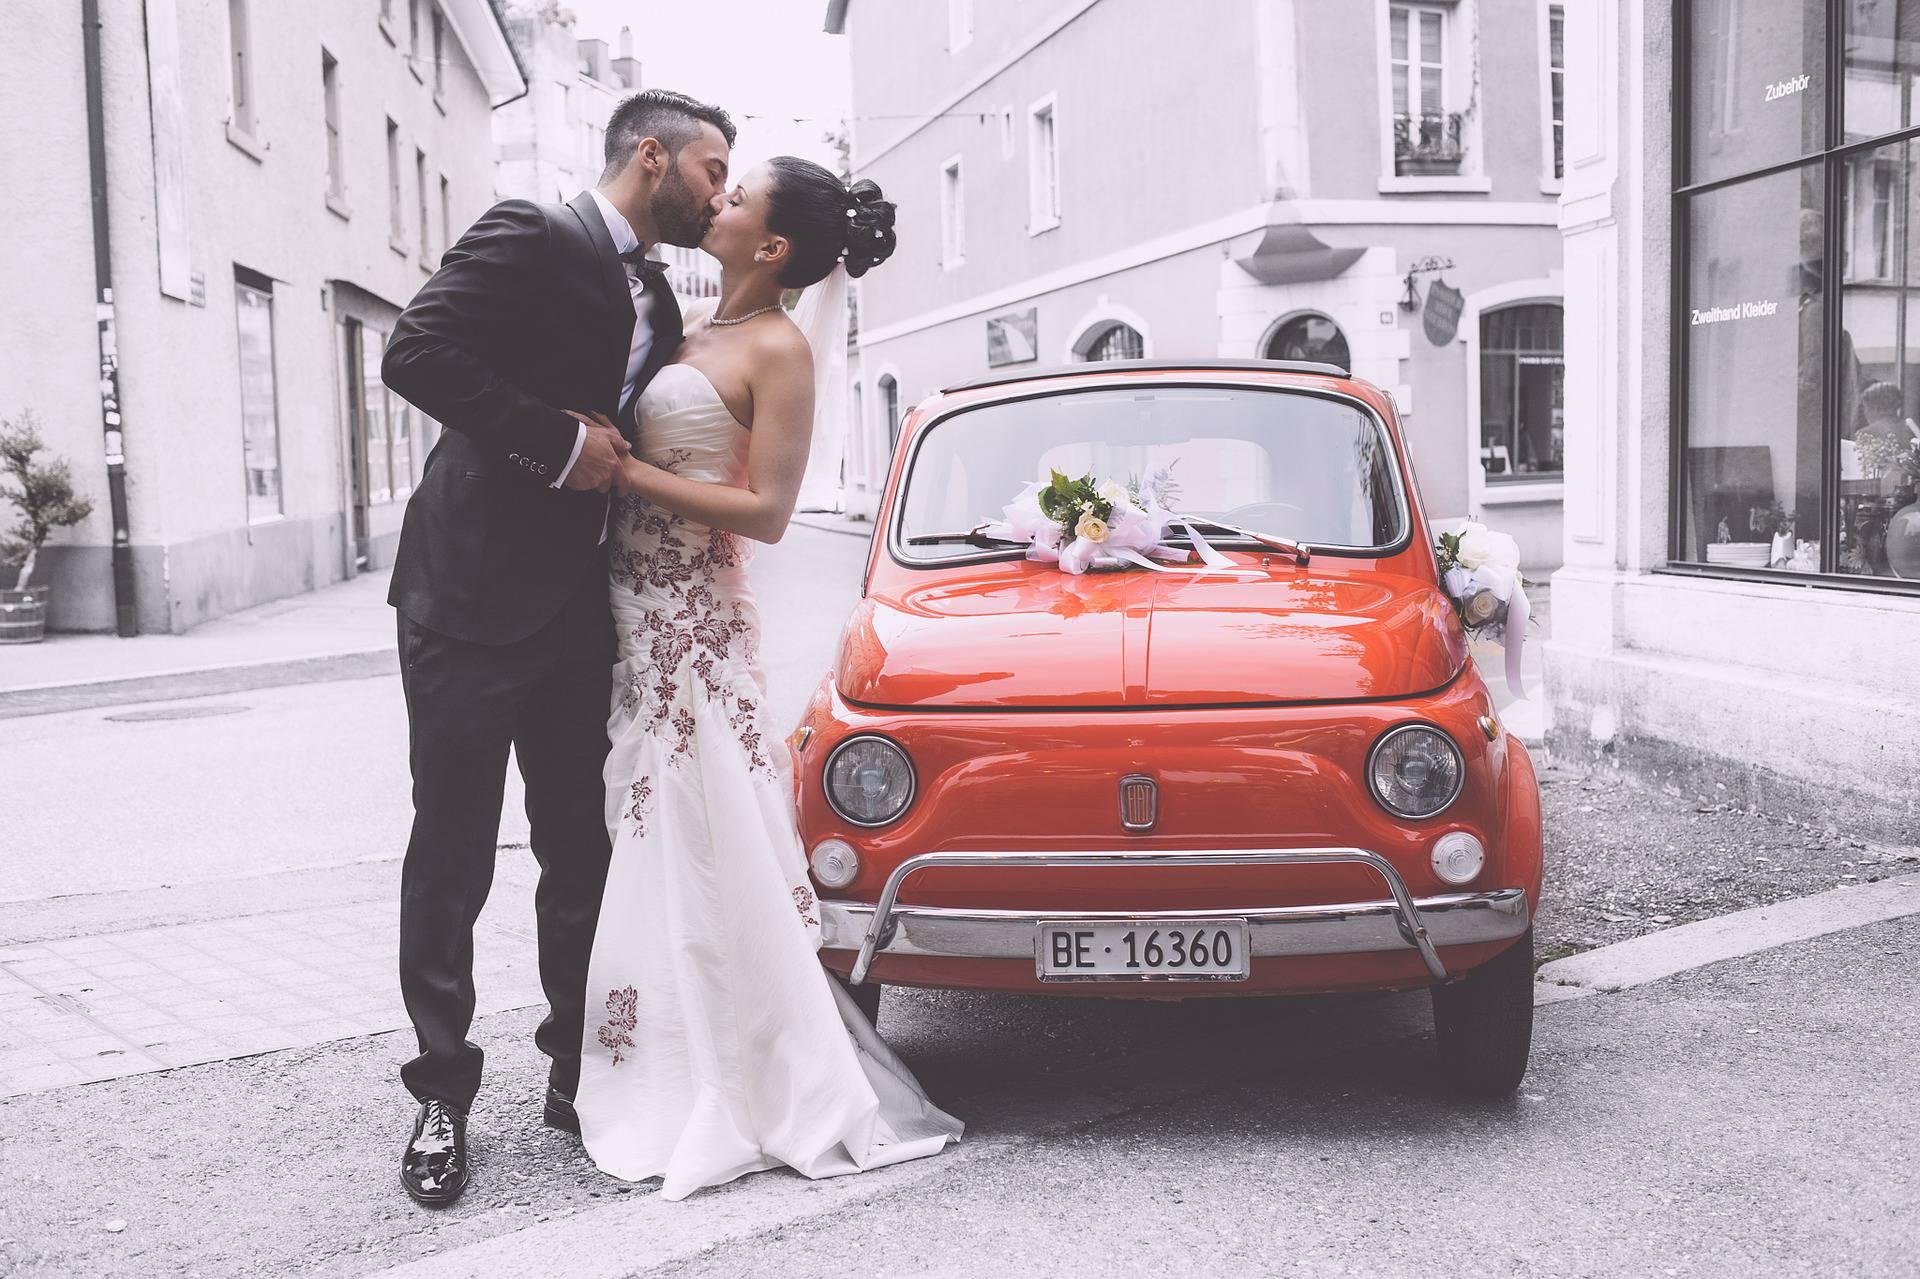 Koju boju izabrati za vjenčanje prema horoskopskom znaku?